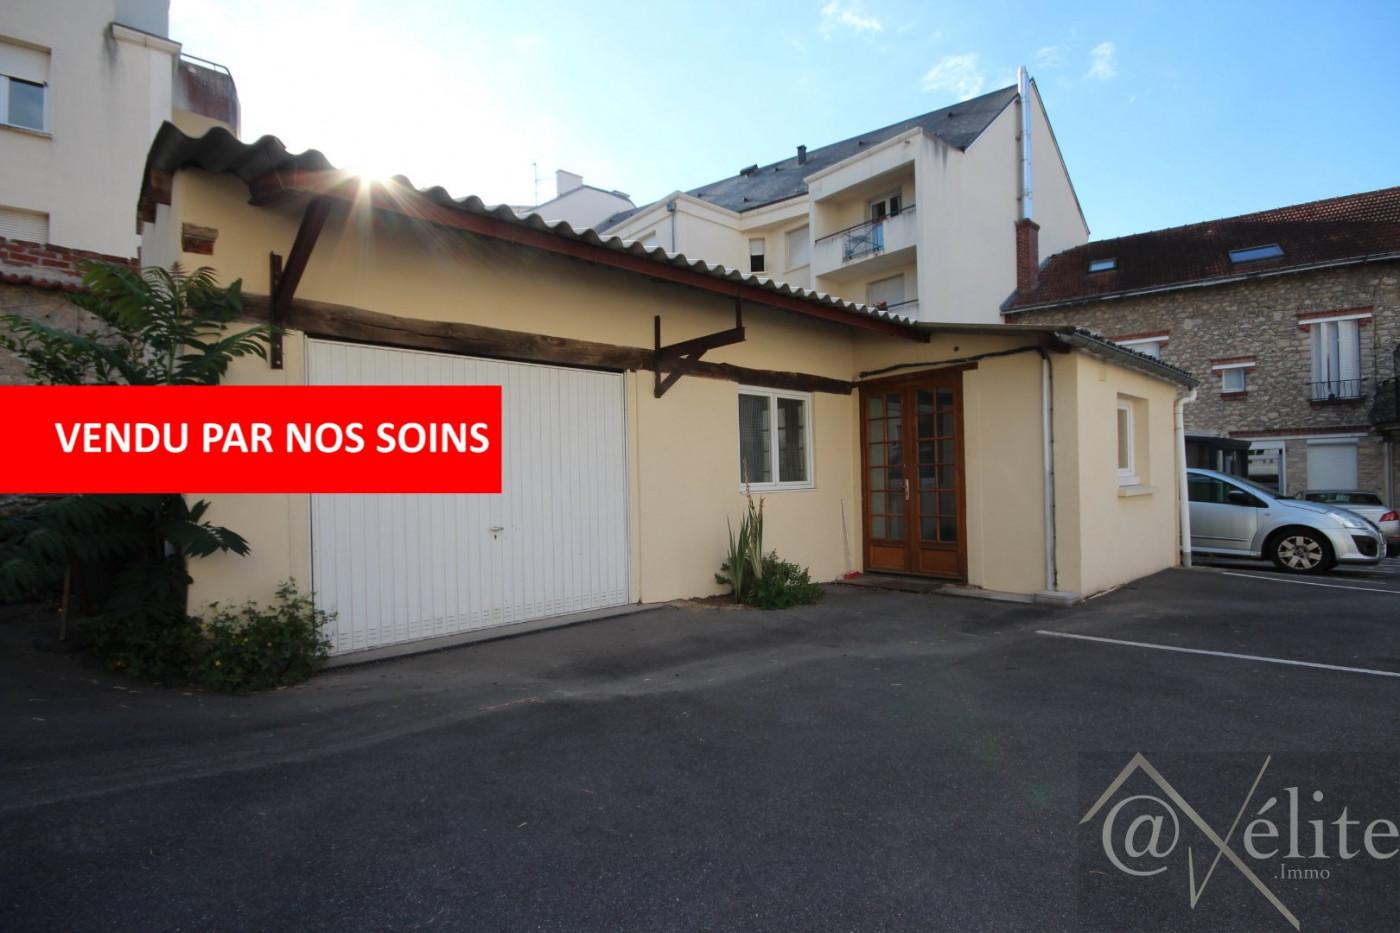 A vendre  Chartres   Réf 777923137 - Axelite sas